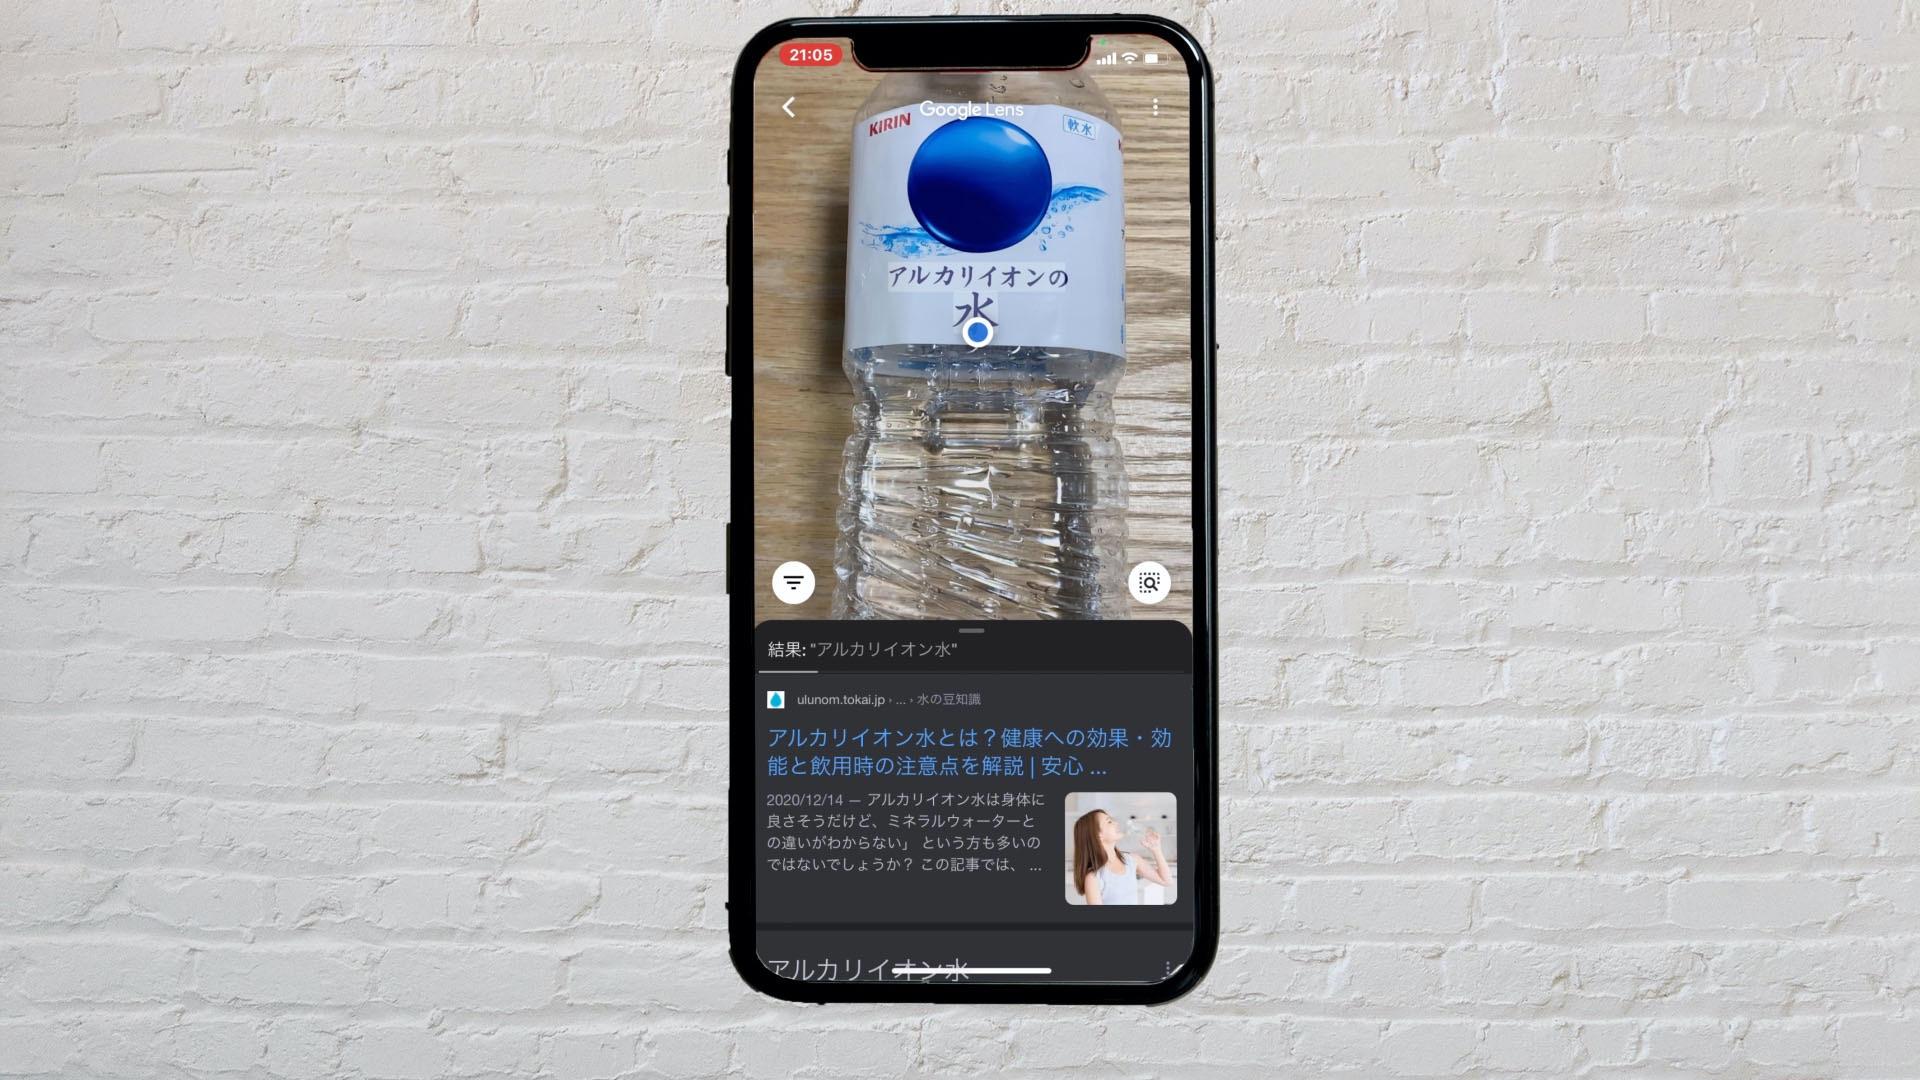 iPhoneで画像をアップロードして検索する方法【ブラウザ・アプリ】